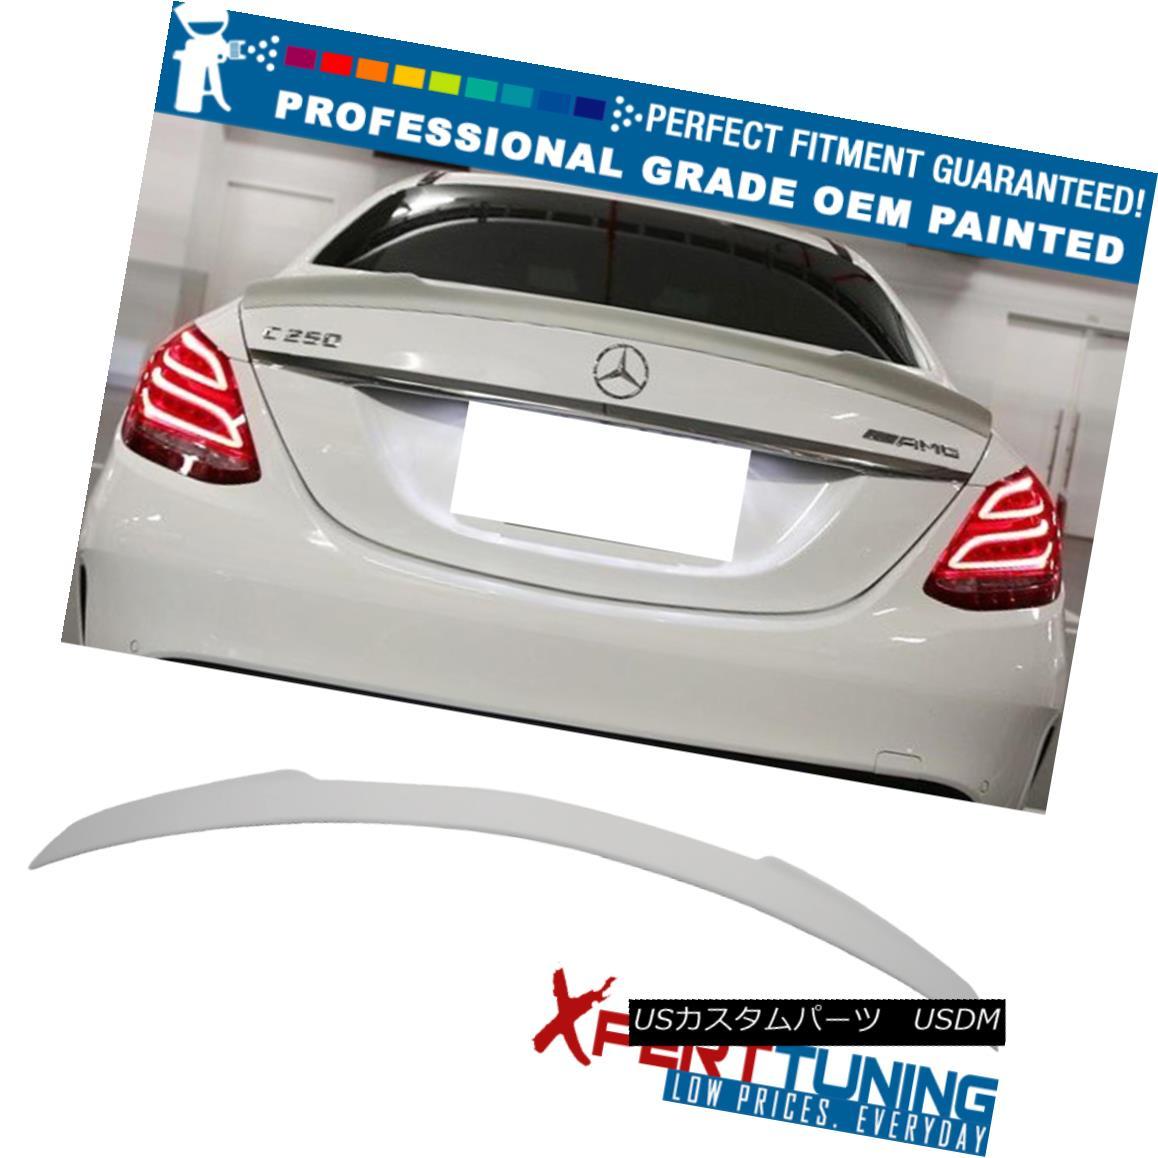 エアロパーツ 15-17 Benz C Class W205 V Type Painted Trunk Spoiler FRP - OEM Painted Color 15-17ベンツCクラスW205 V型塗装トランク・スポイラーFRP - OEM塗装色